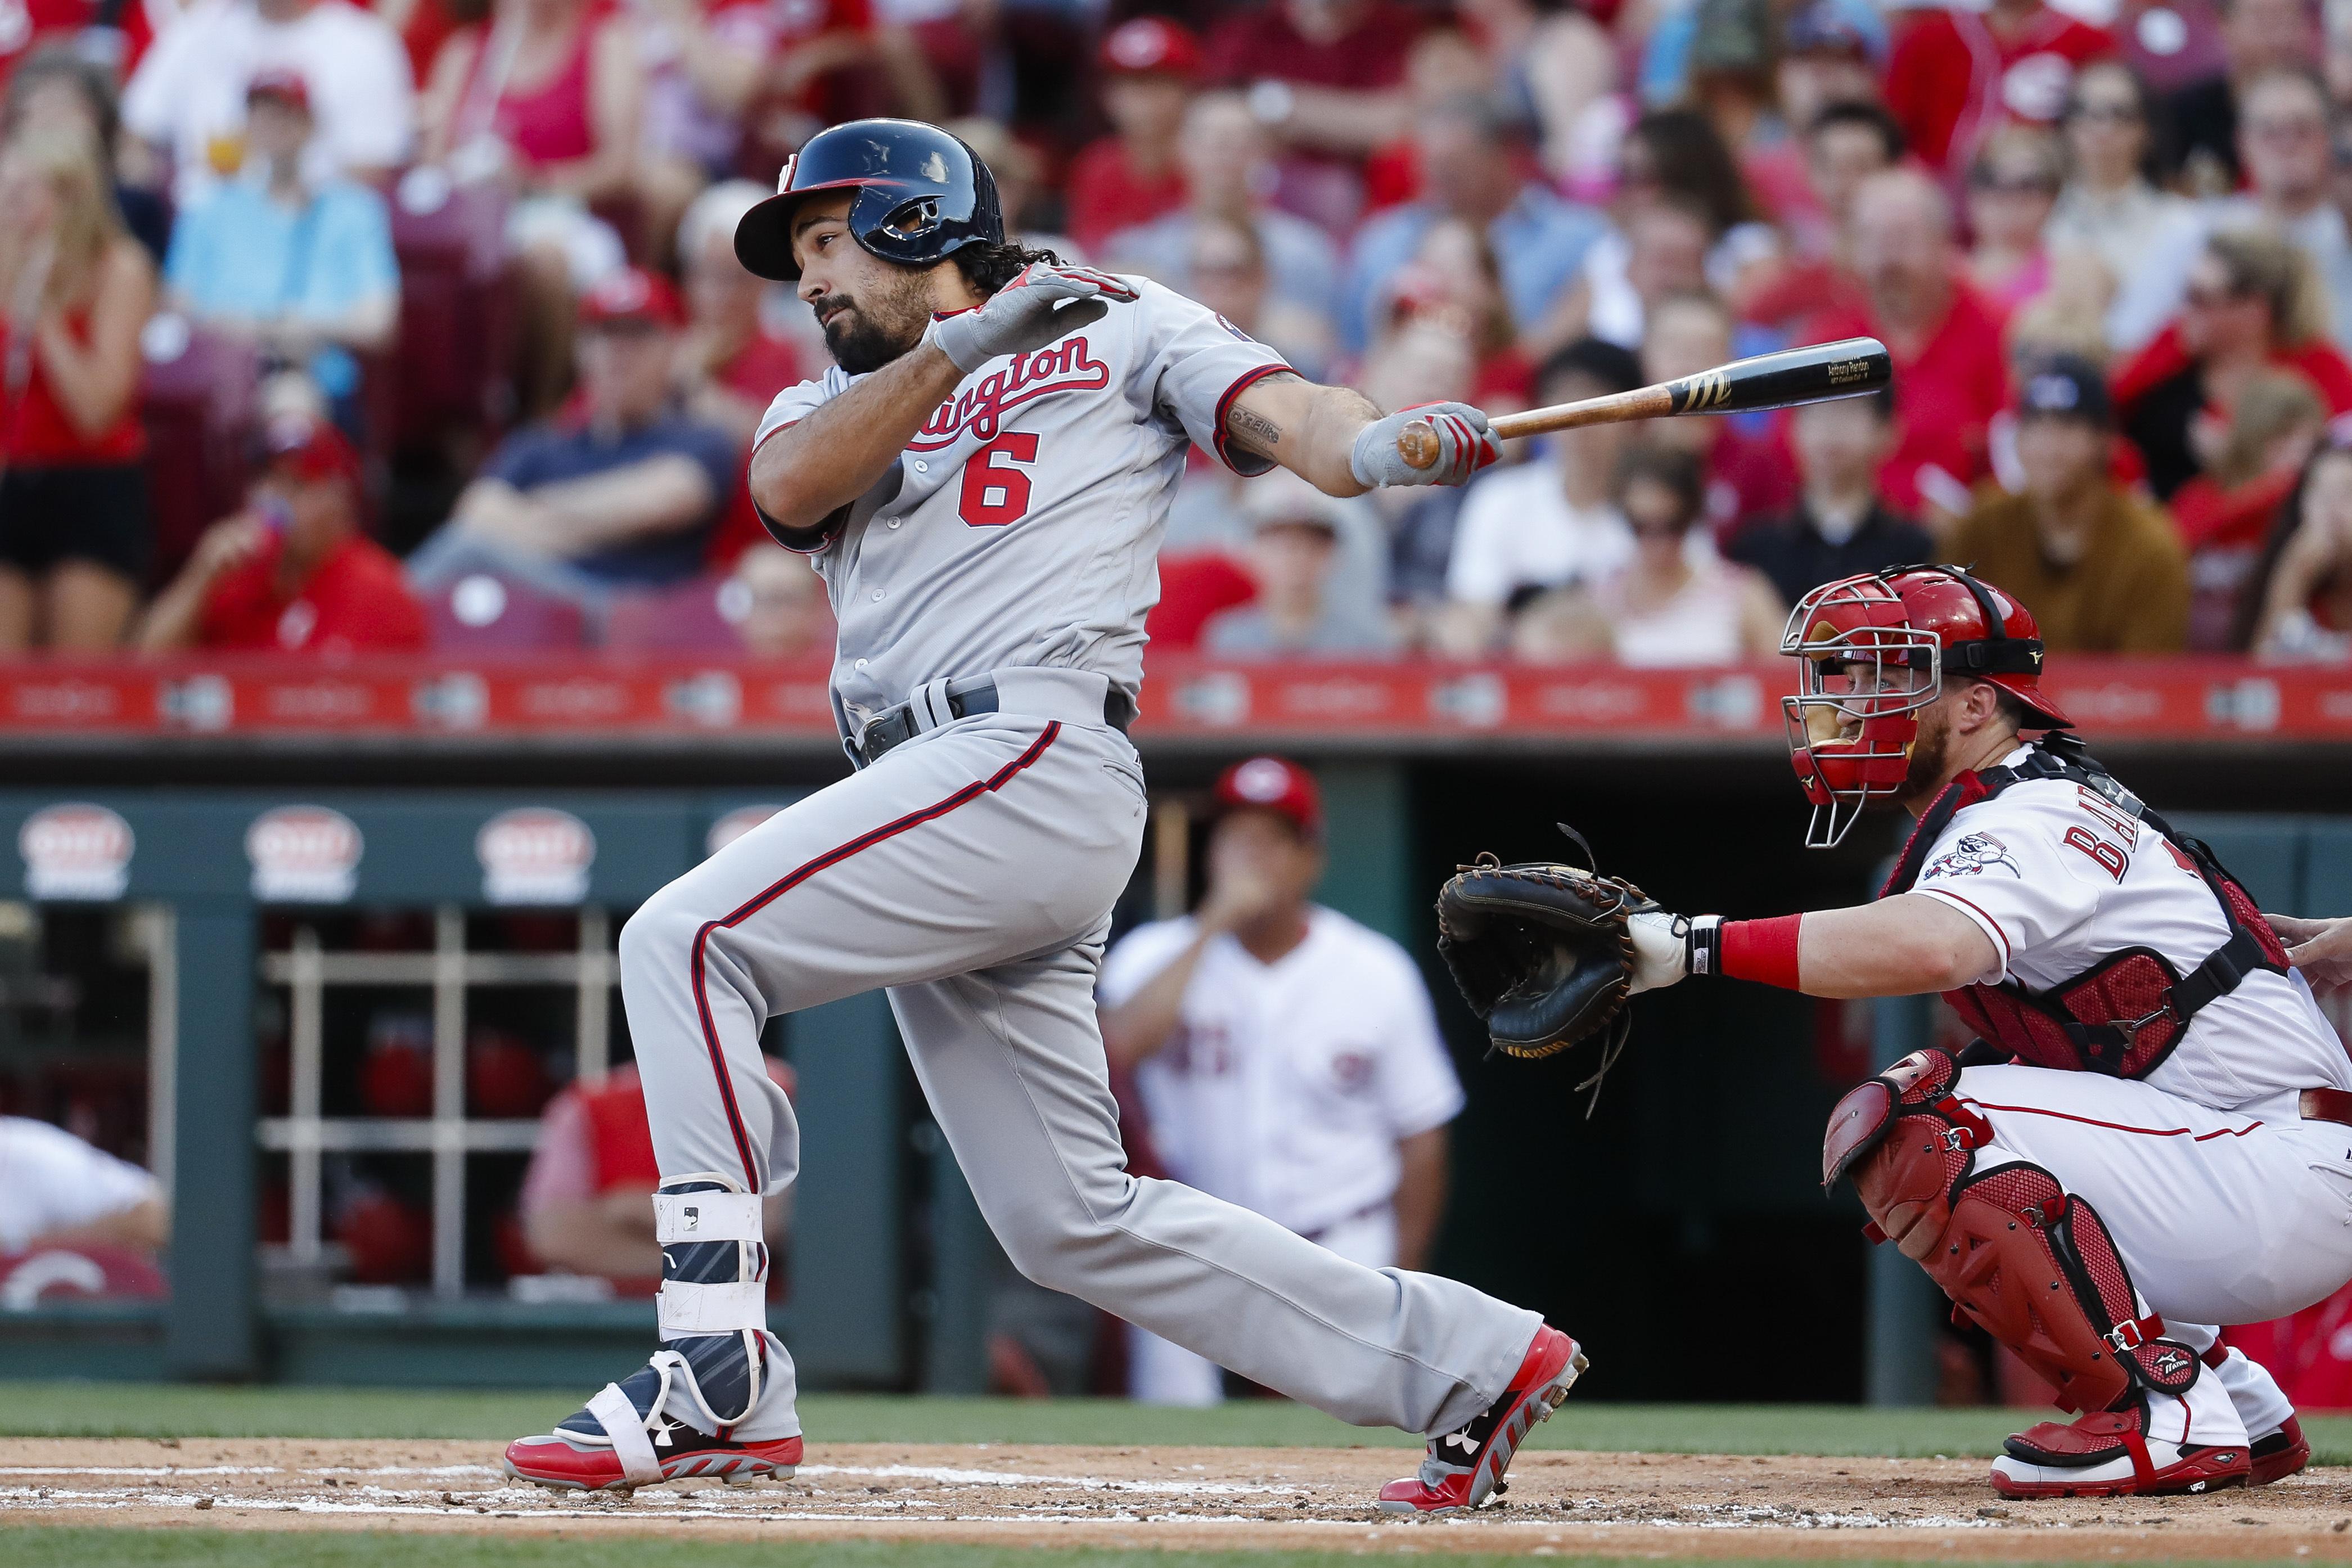 Nationals_reds_baseball_37511.jpg-c6d2d